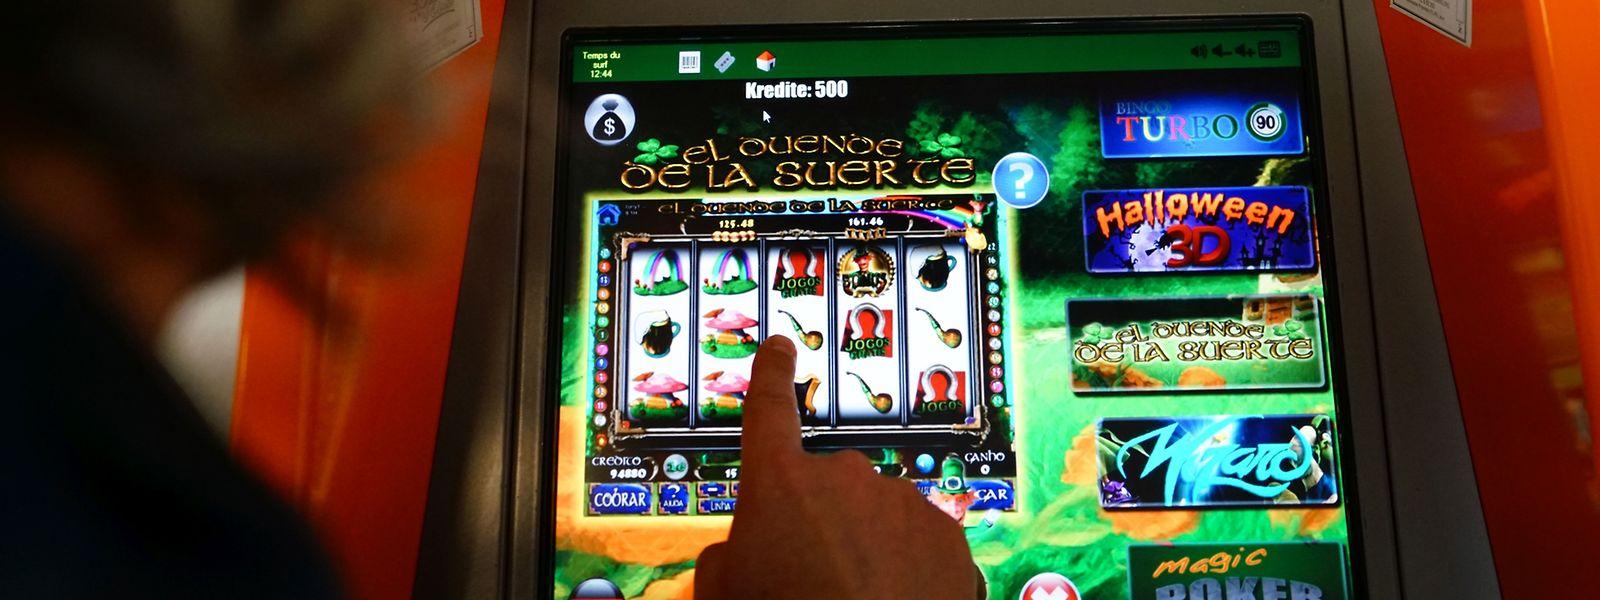 Mehrere Anbieter haben sich den Markt der sogenannten Bornes internet aufgeteilt. Ob diese getarnten Glücksspielautomaten gesetzeswidrig sind, prüft derzeit die Kriminalpolizei.